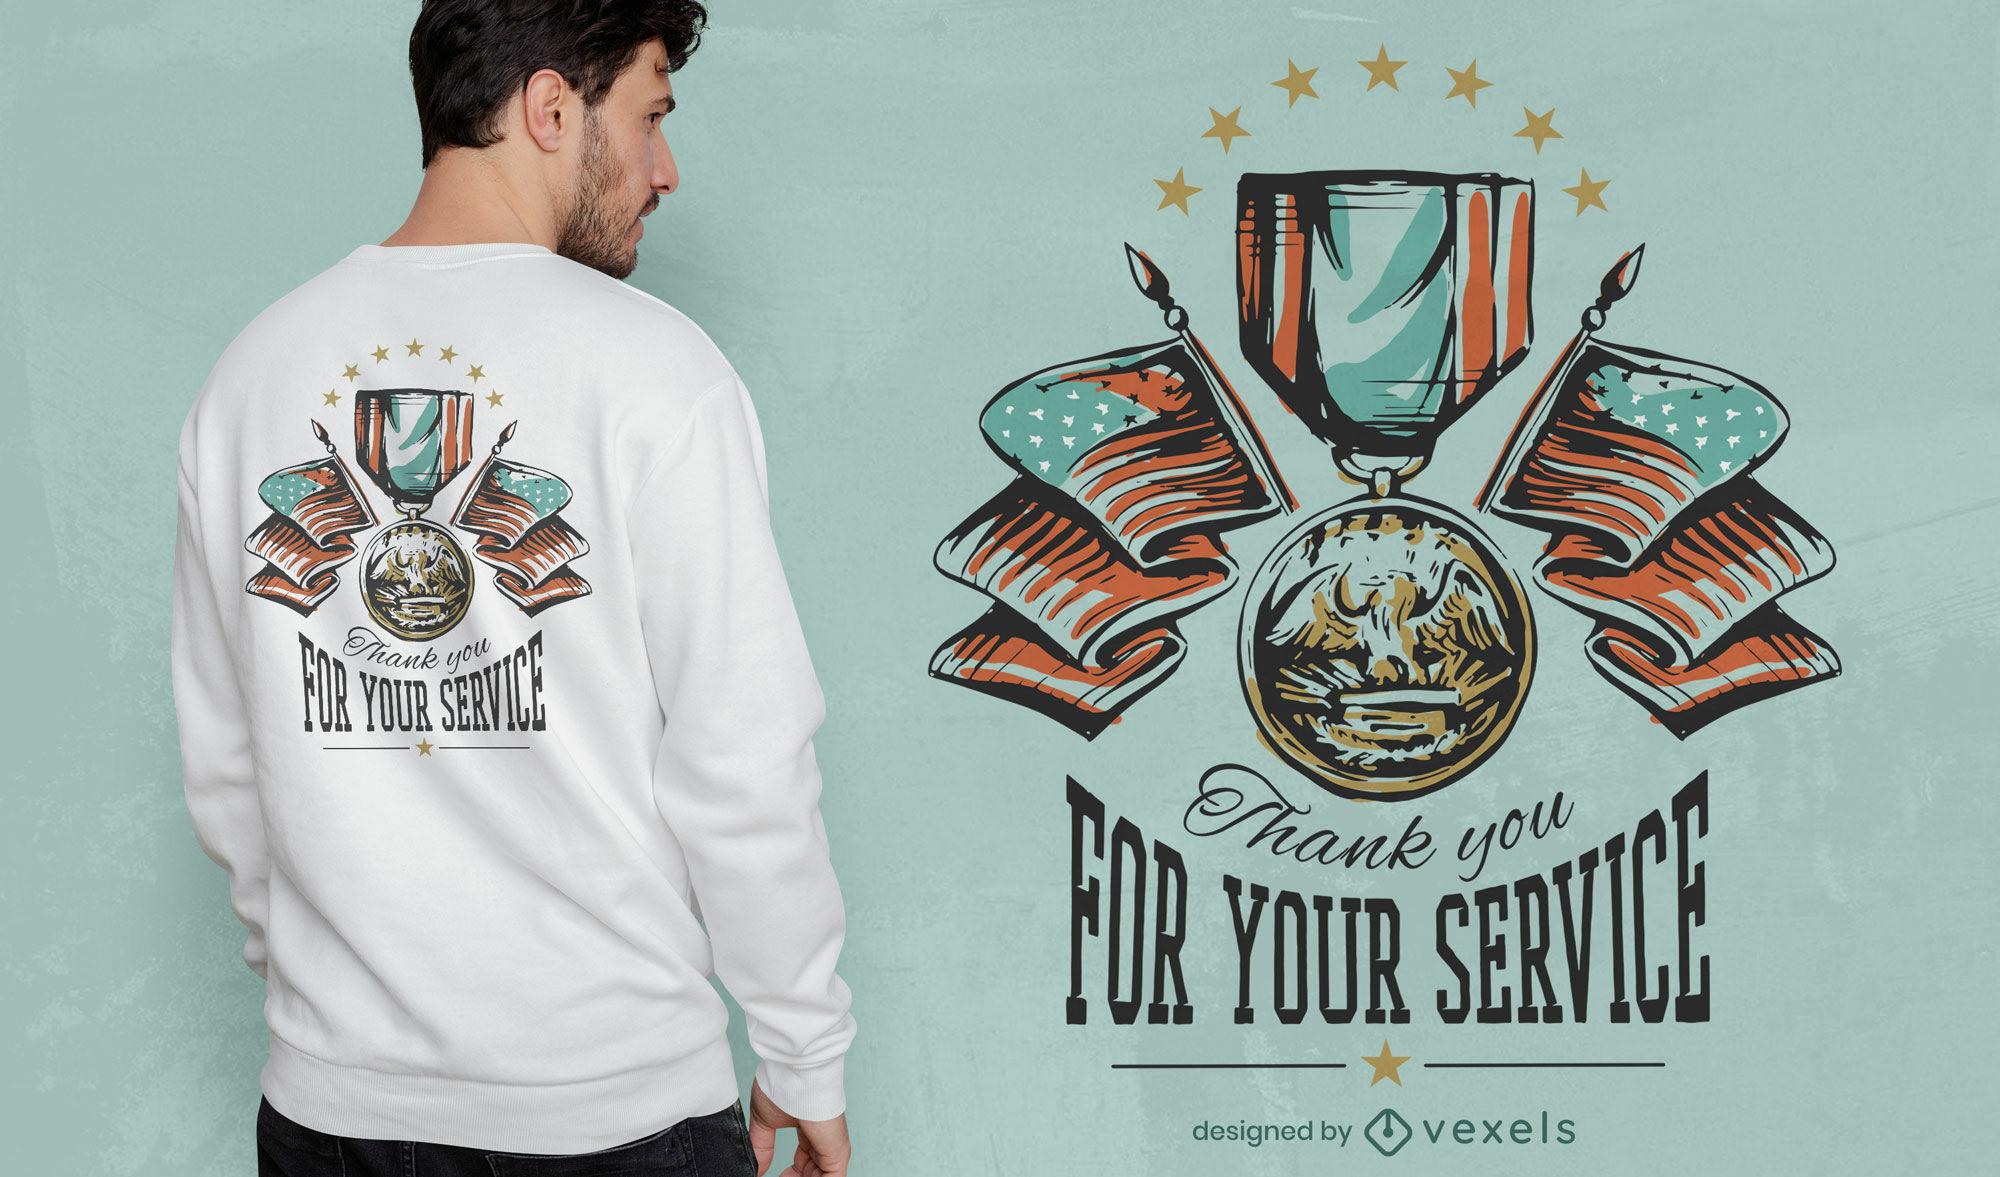 Obrigado, design de t-shirt dos veteranos